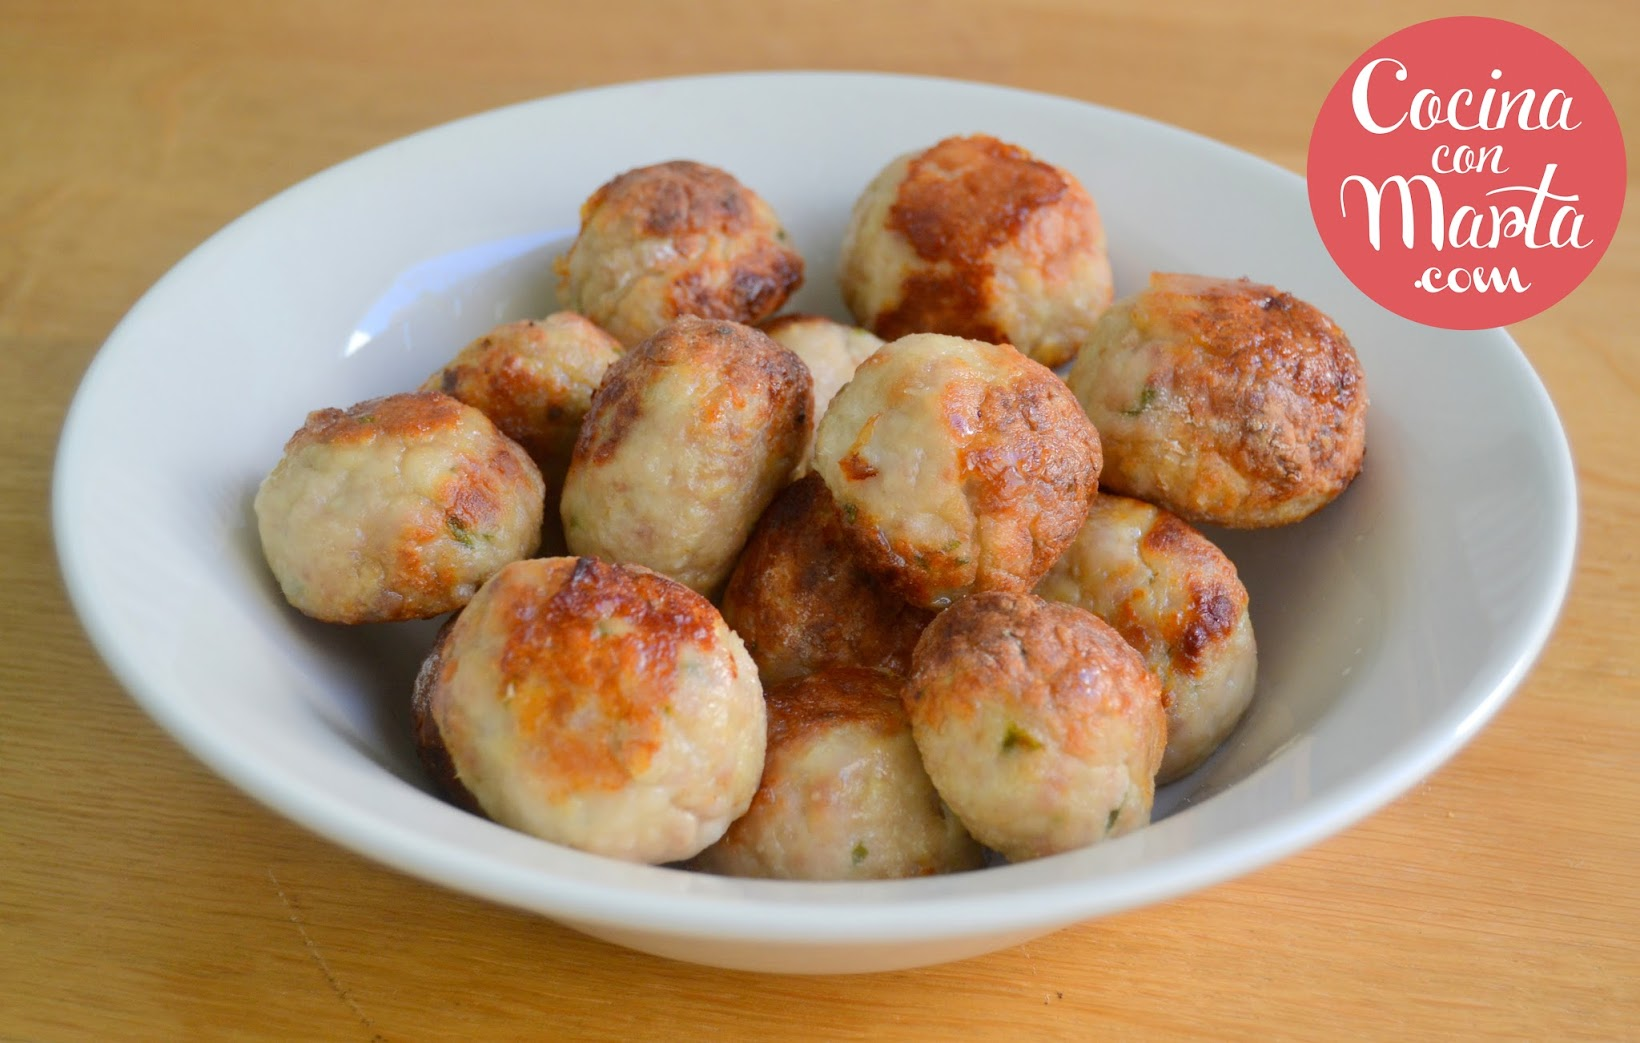 Receta básica, casera, de albóndigas de carne picada, rápida, fácil, cocina con marta